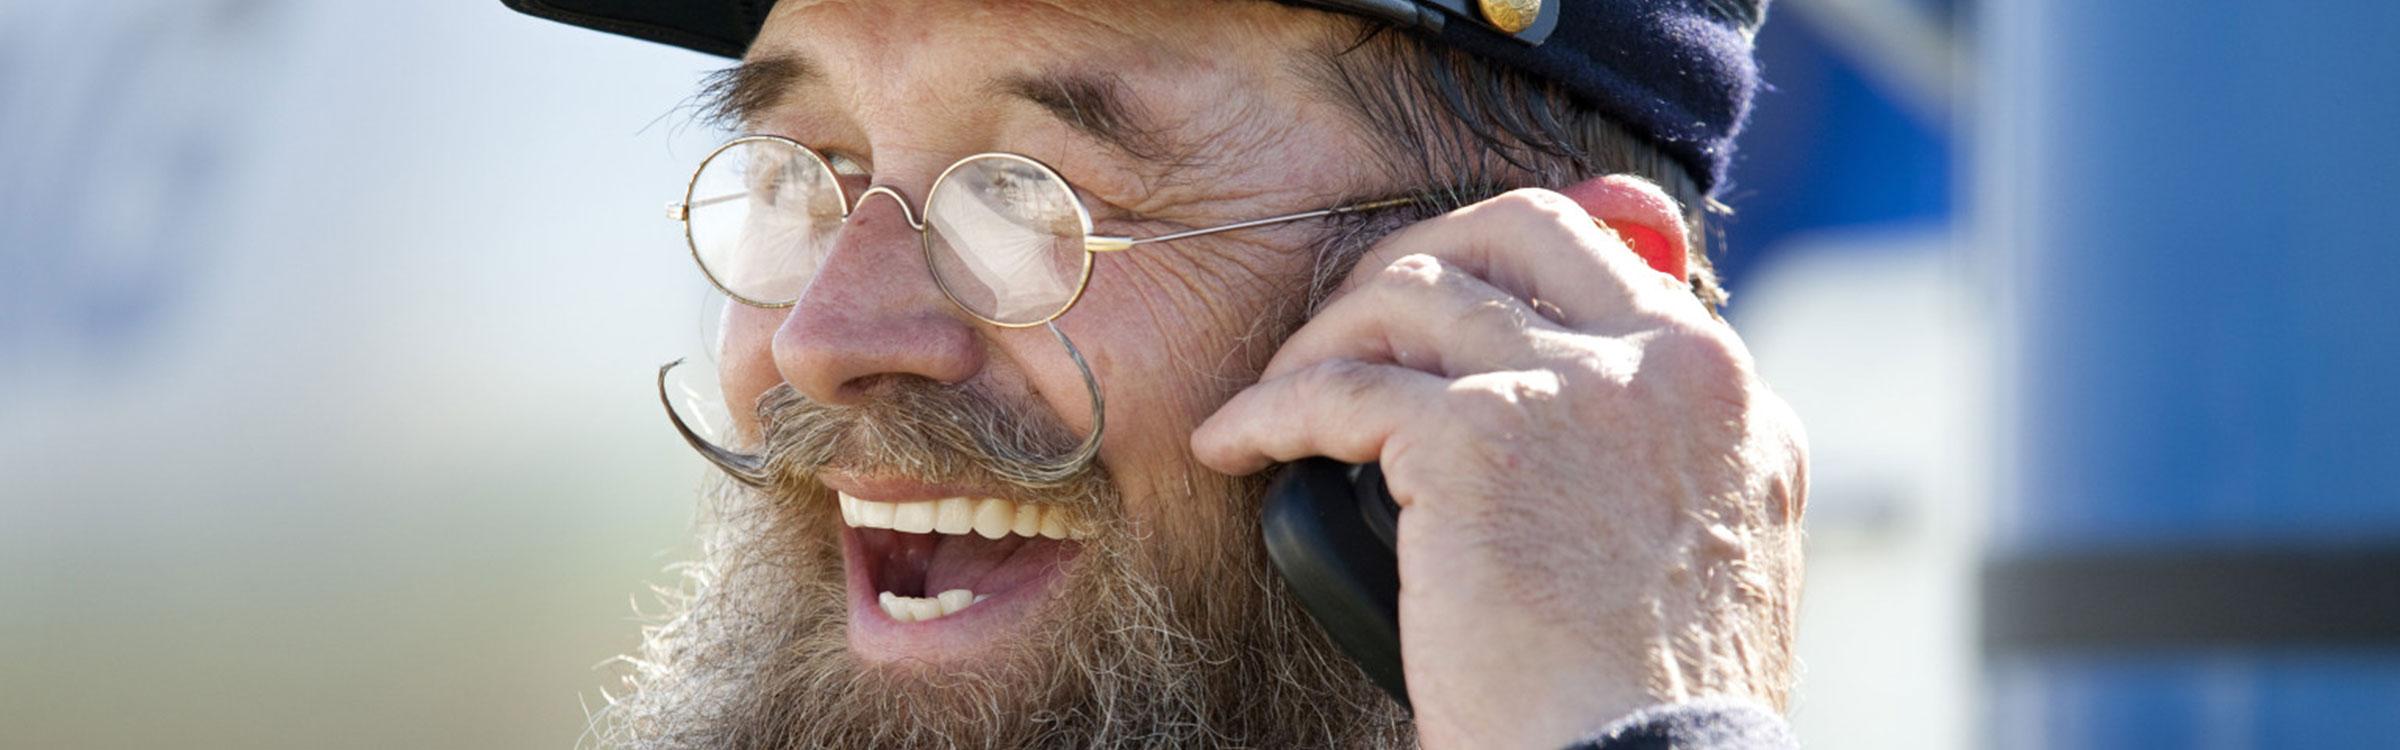 O civil war reenactor fails facebook